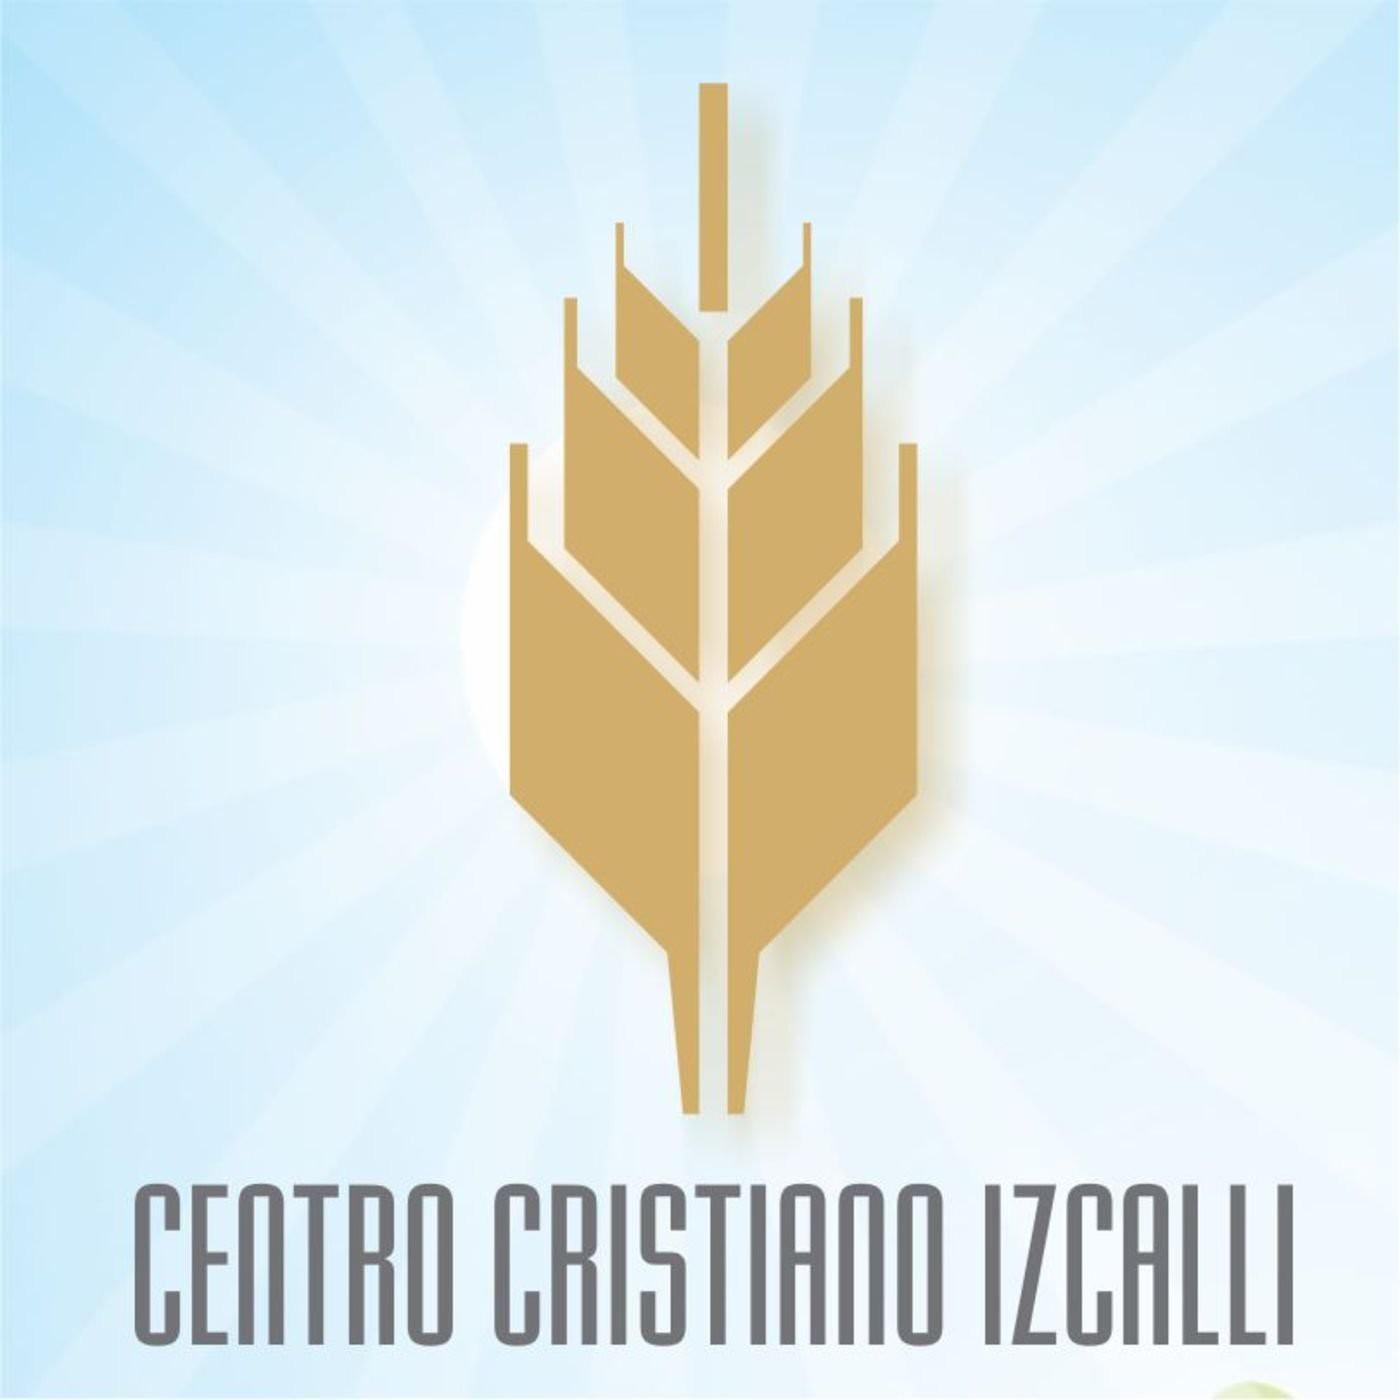 <![CDATA[Centro Cristiano Izcalli]]>